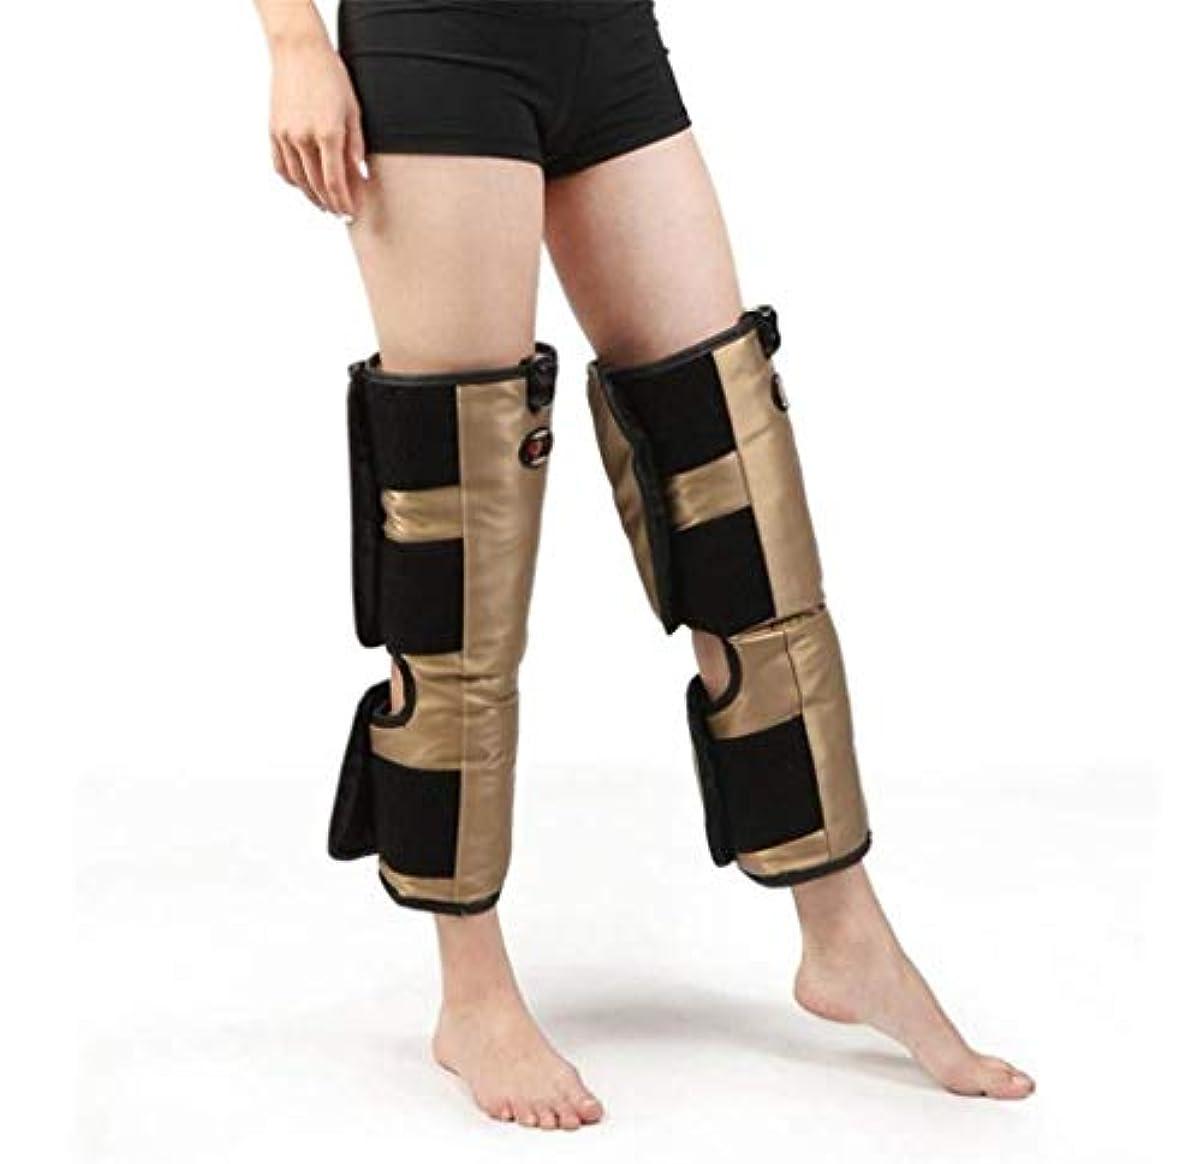 読書をするナイロン研磨脚マッサージャー、電気膝ブレース、oxiホット圧縮振動マッサージ療法、多機能電気加熱膝理学療法機器